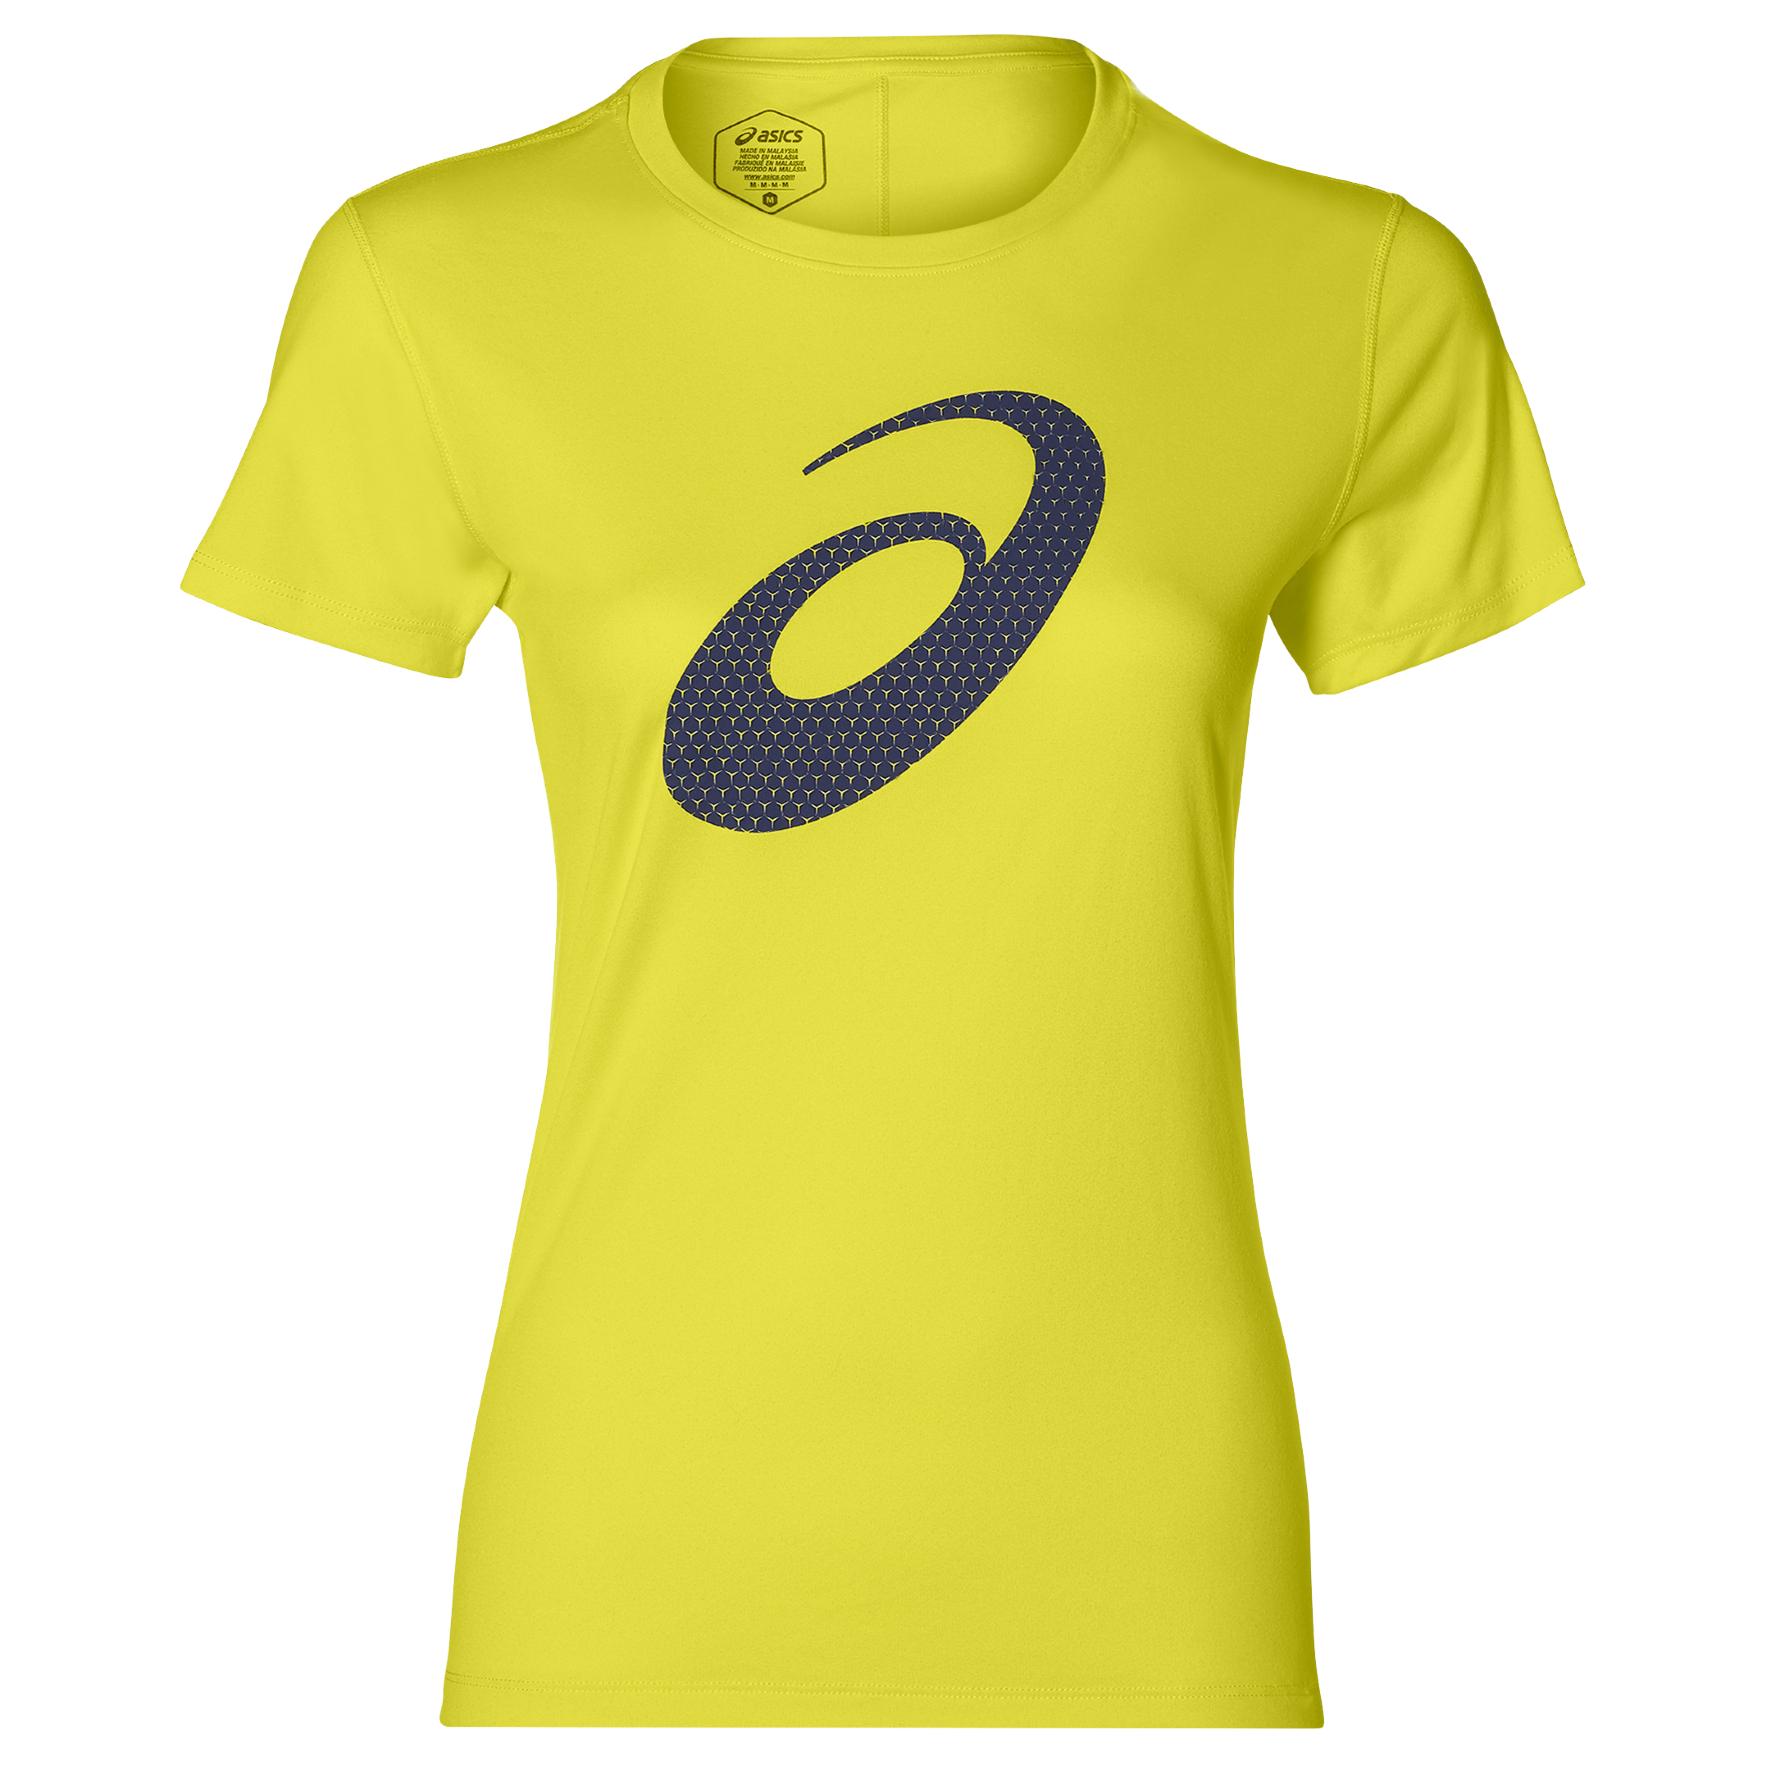 Asics 2012A271, ženska tekaška majica, rumena